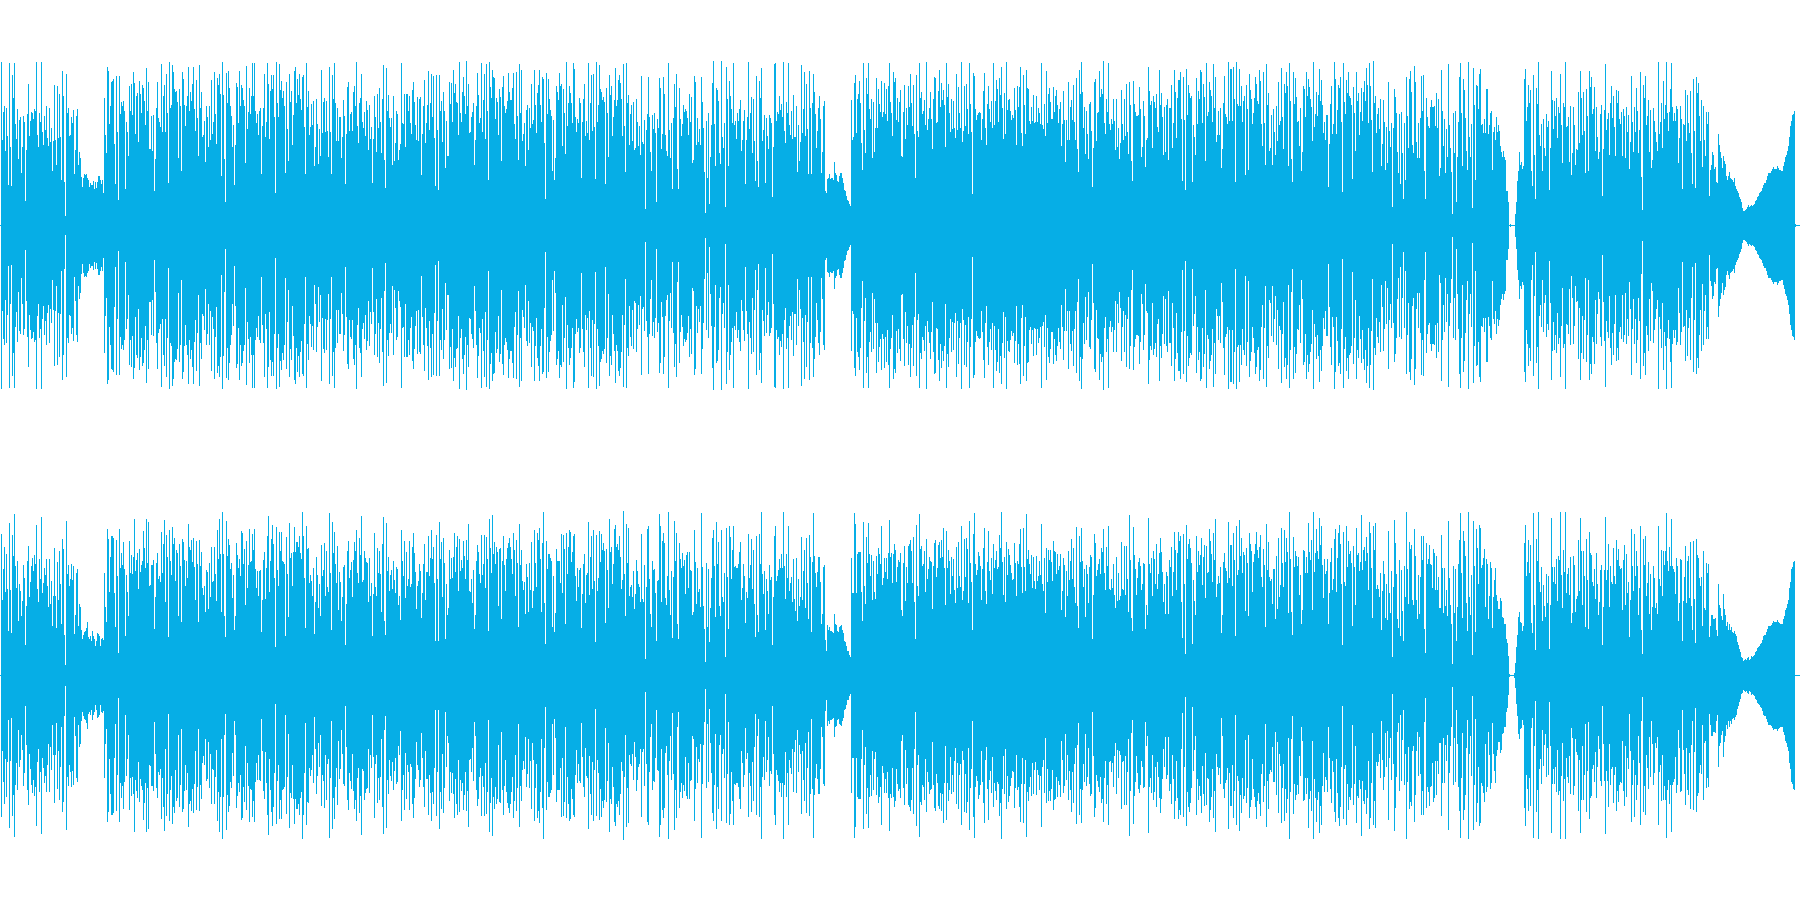 ドラムンベースwithクラシックギターの再生済みの波形